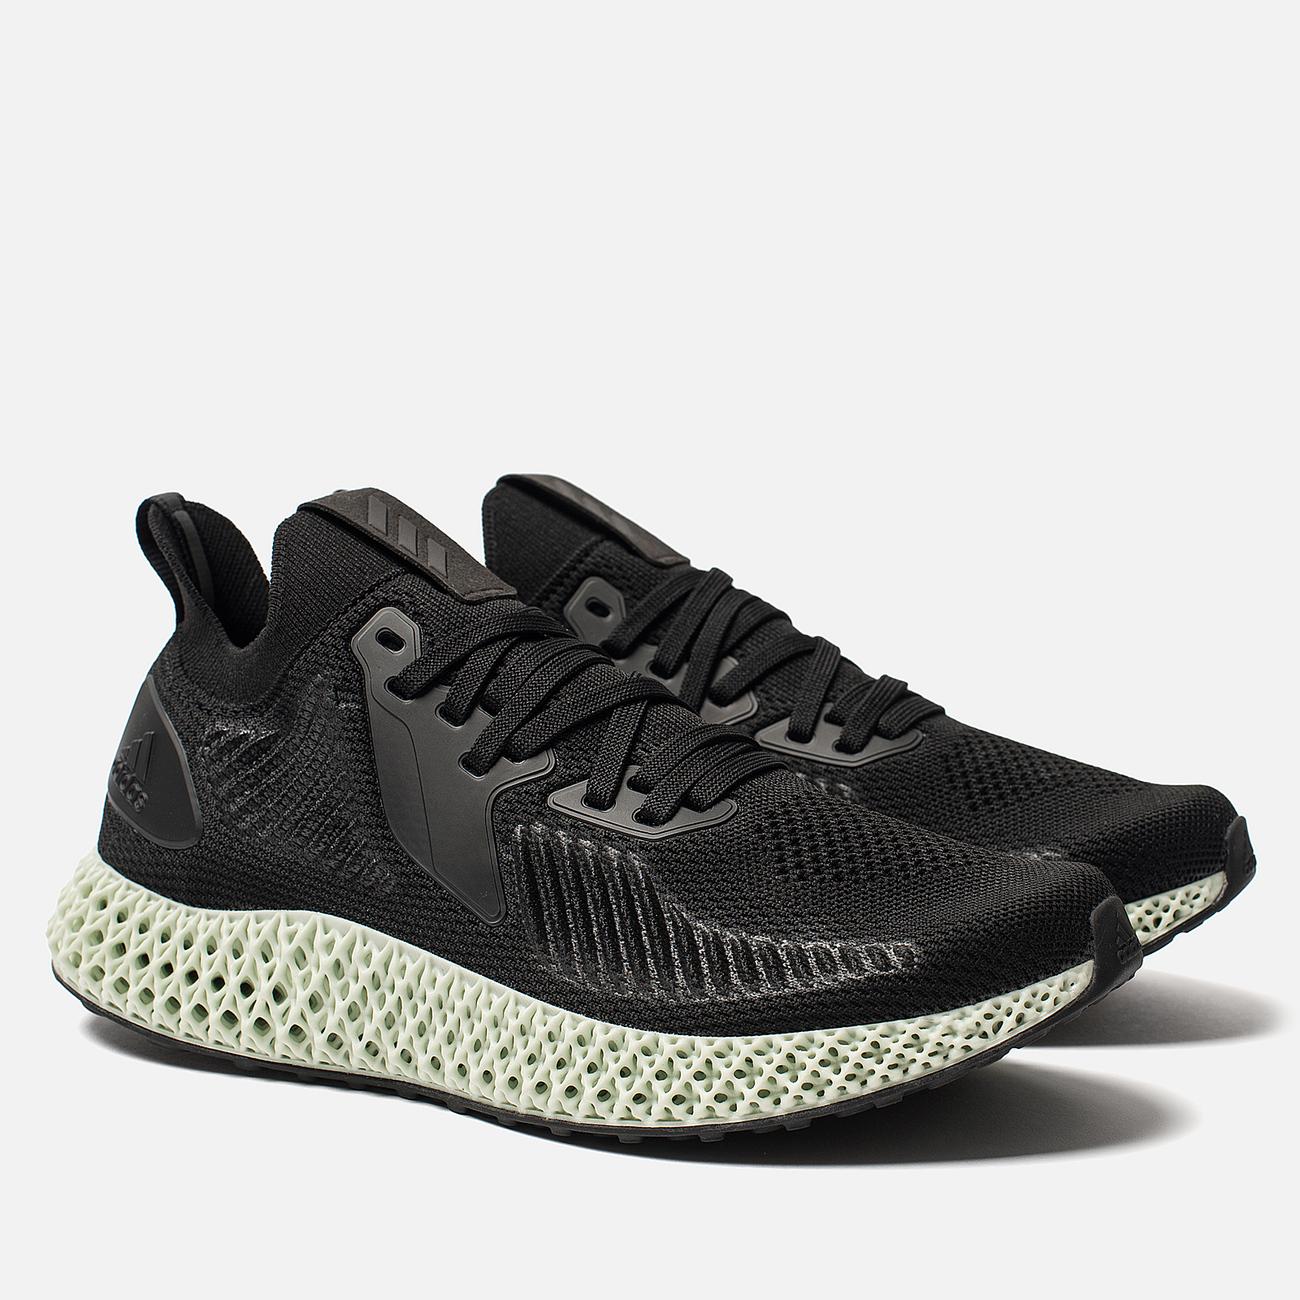 Кроссовки adidas Performance Alphaedge 4D Core Black/Core Black/Carbon